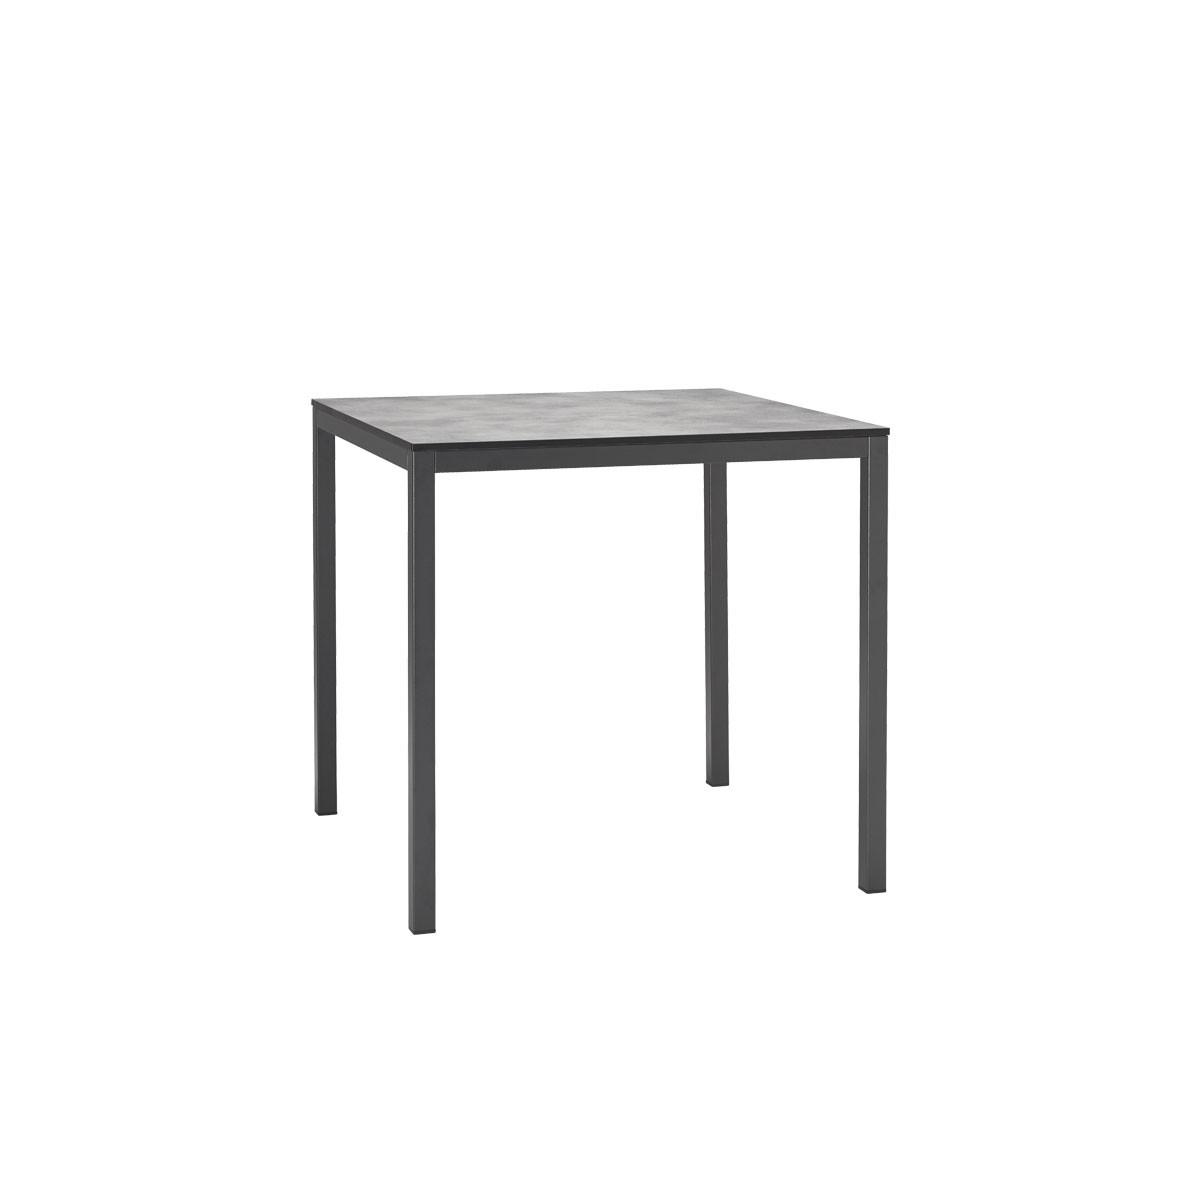 Stół restauracyjny metalowy kwadratowy MIRTO Scab Design